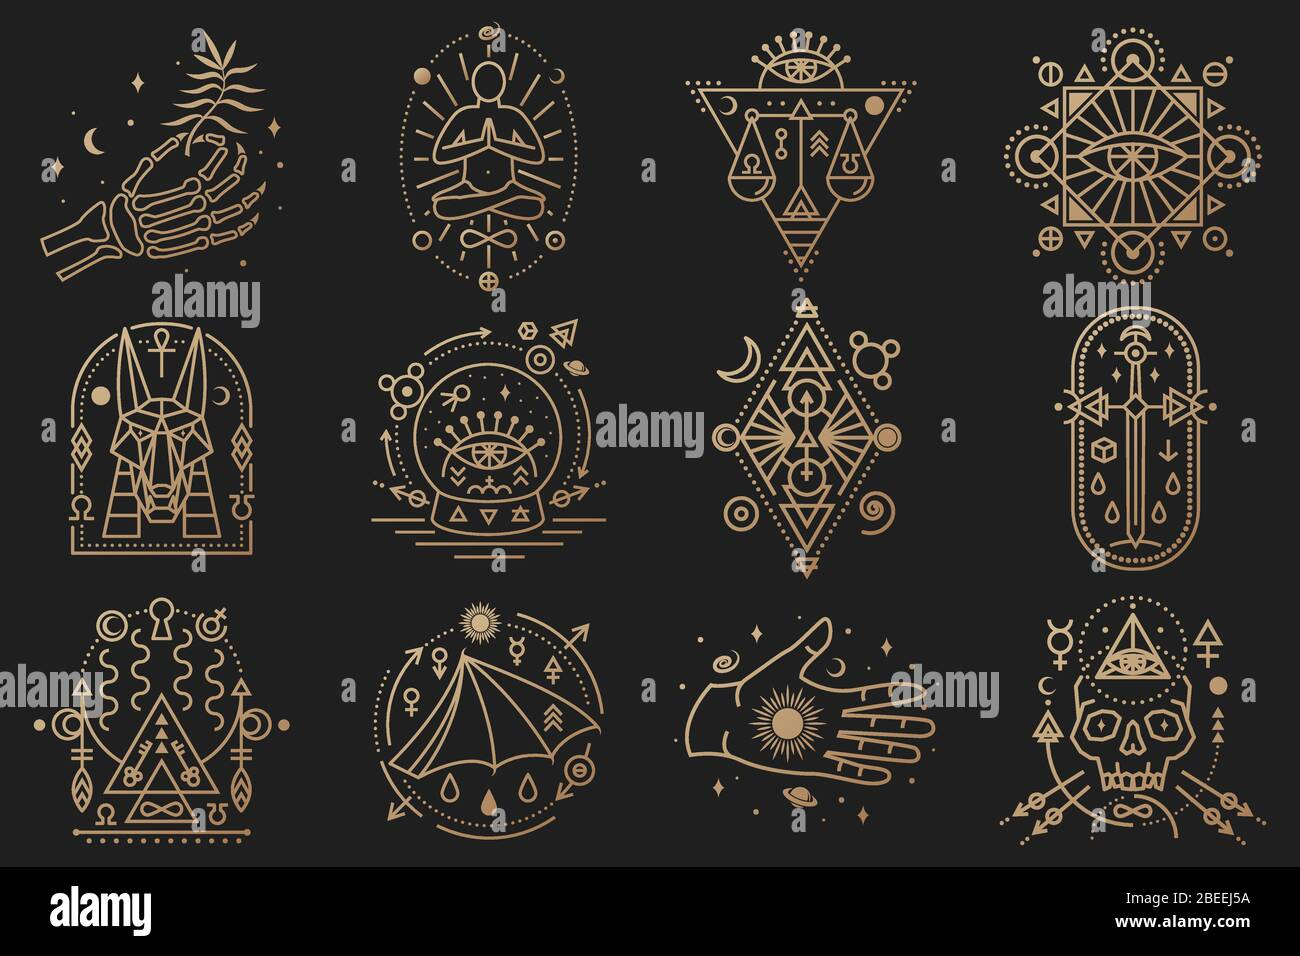 Símbolos esotéricos. Vector. Insignia geométrica de línea fina. Contorno icono de alquimia, tarot cartas, geometría sagrada. Diseño místico y mágico con estrellas, cráneo, puerta a otro mundo, luna, mano de esqueleto humano Ilustración del Vector